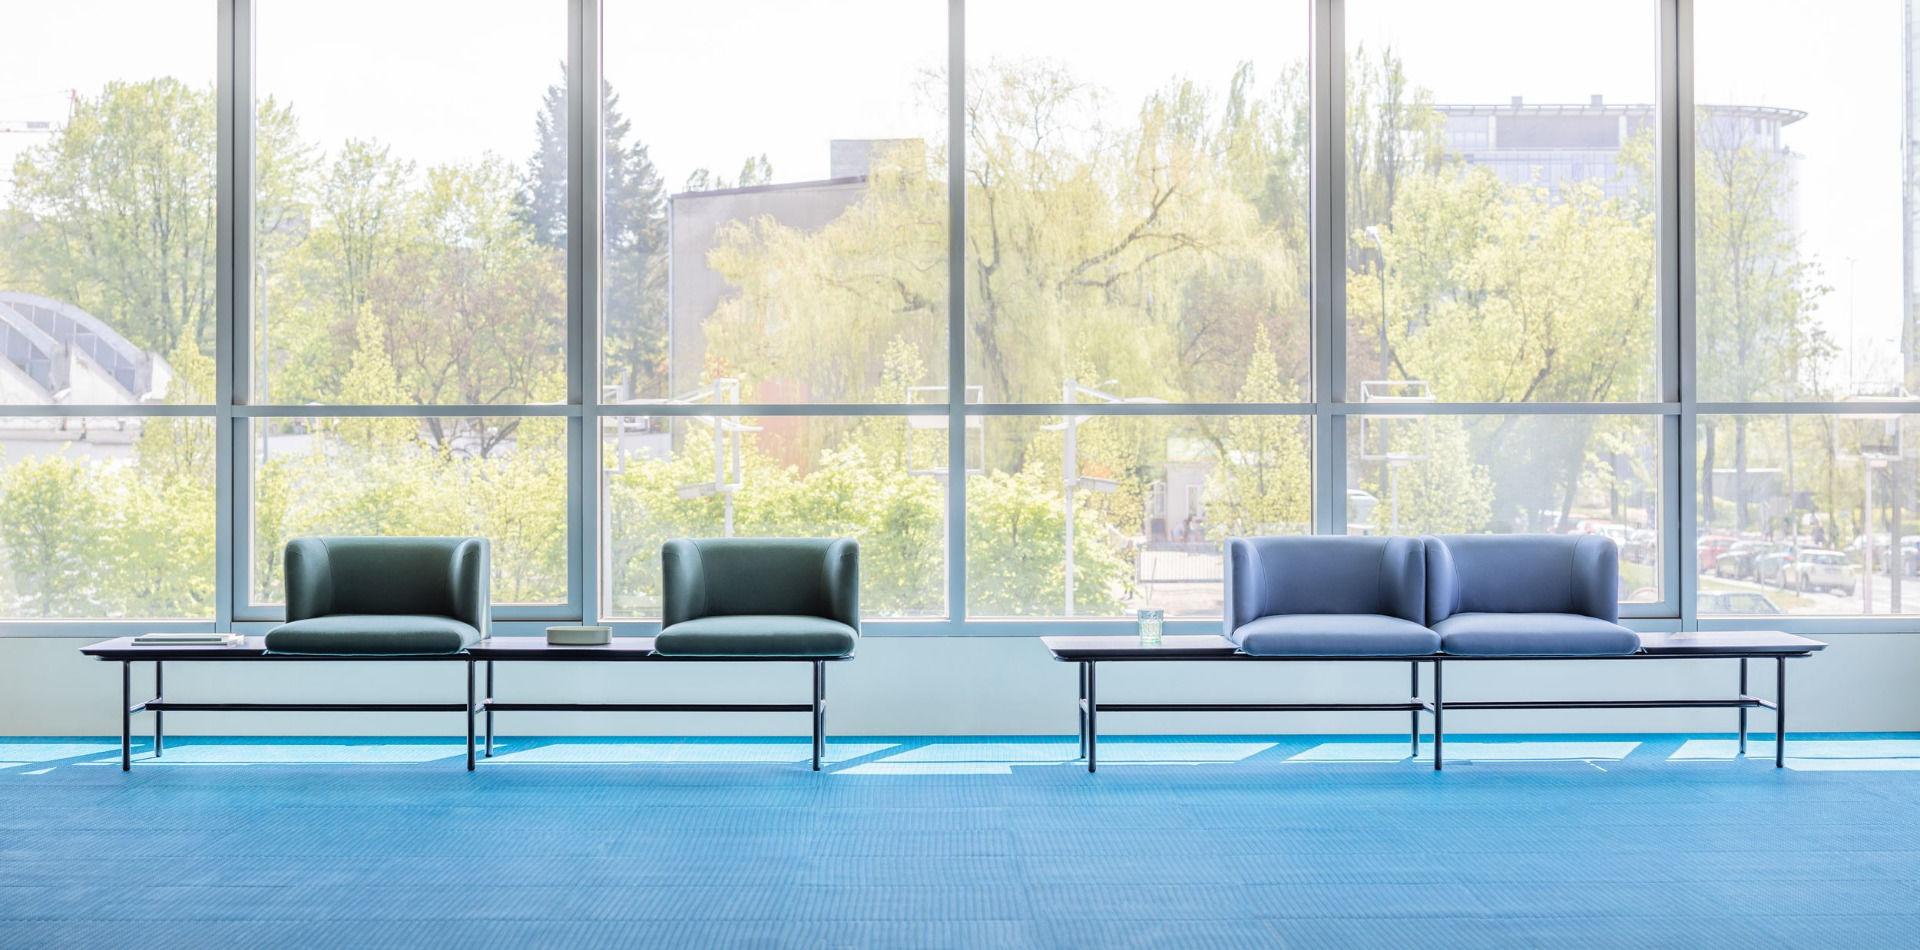 empfangstheken sitzmoebel foyer kanzlei schlicht gruen hellblau sitzbank front